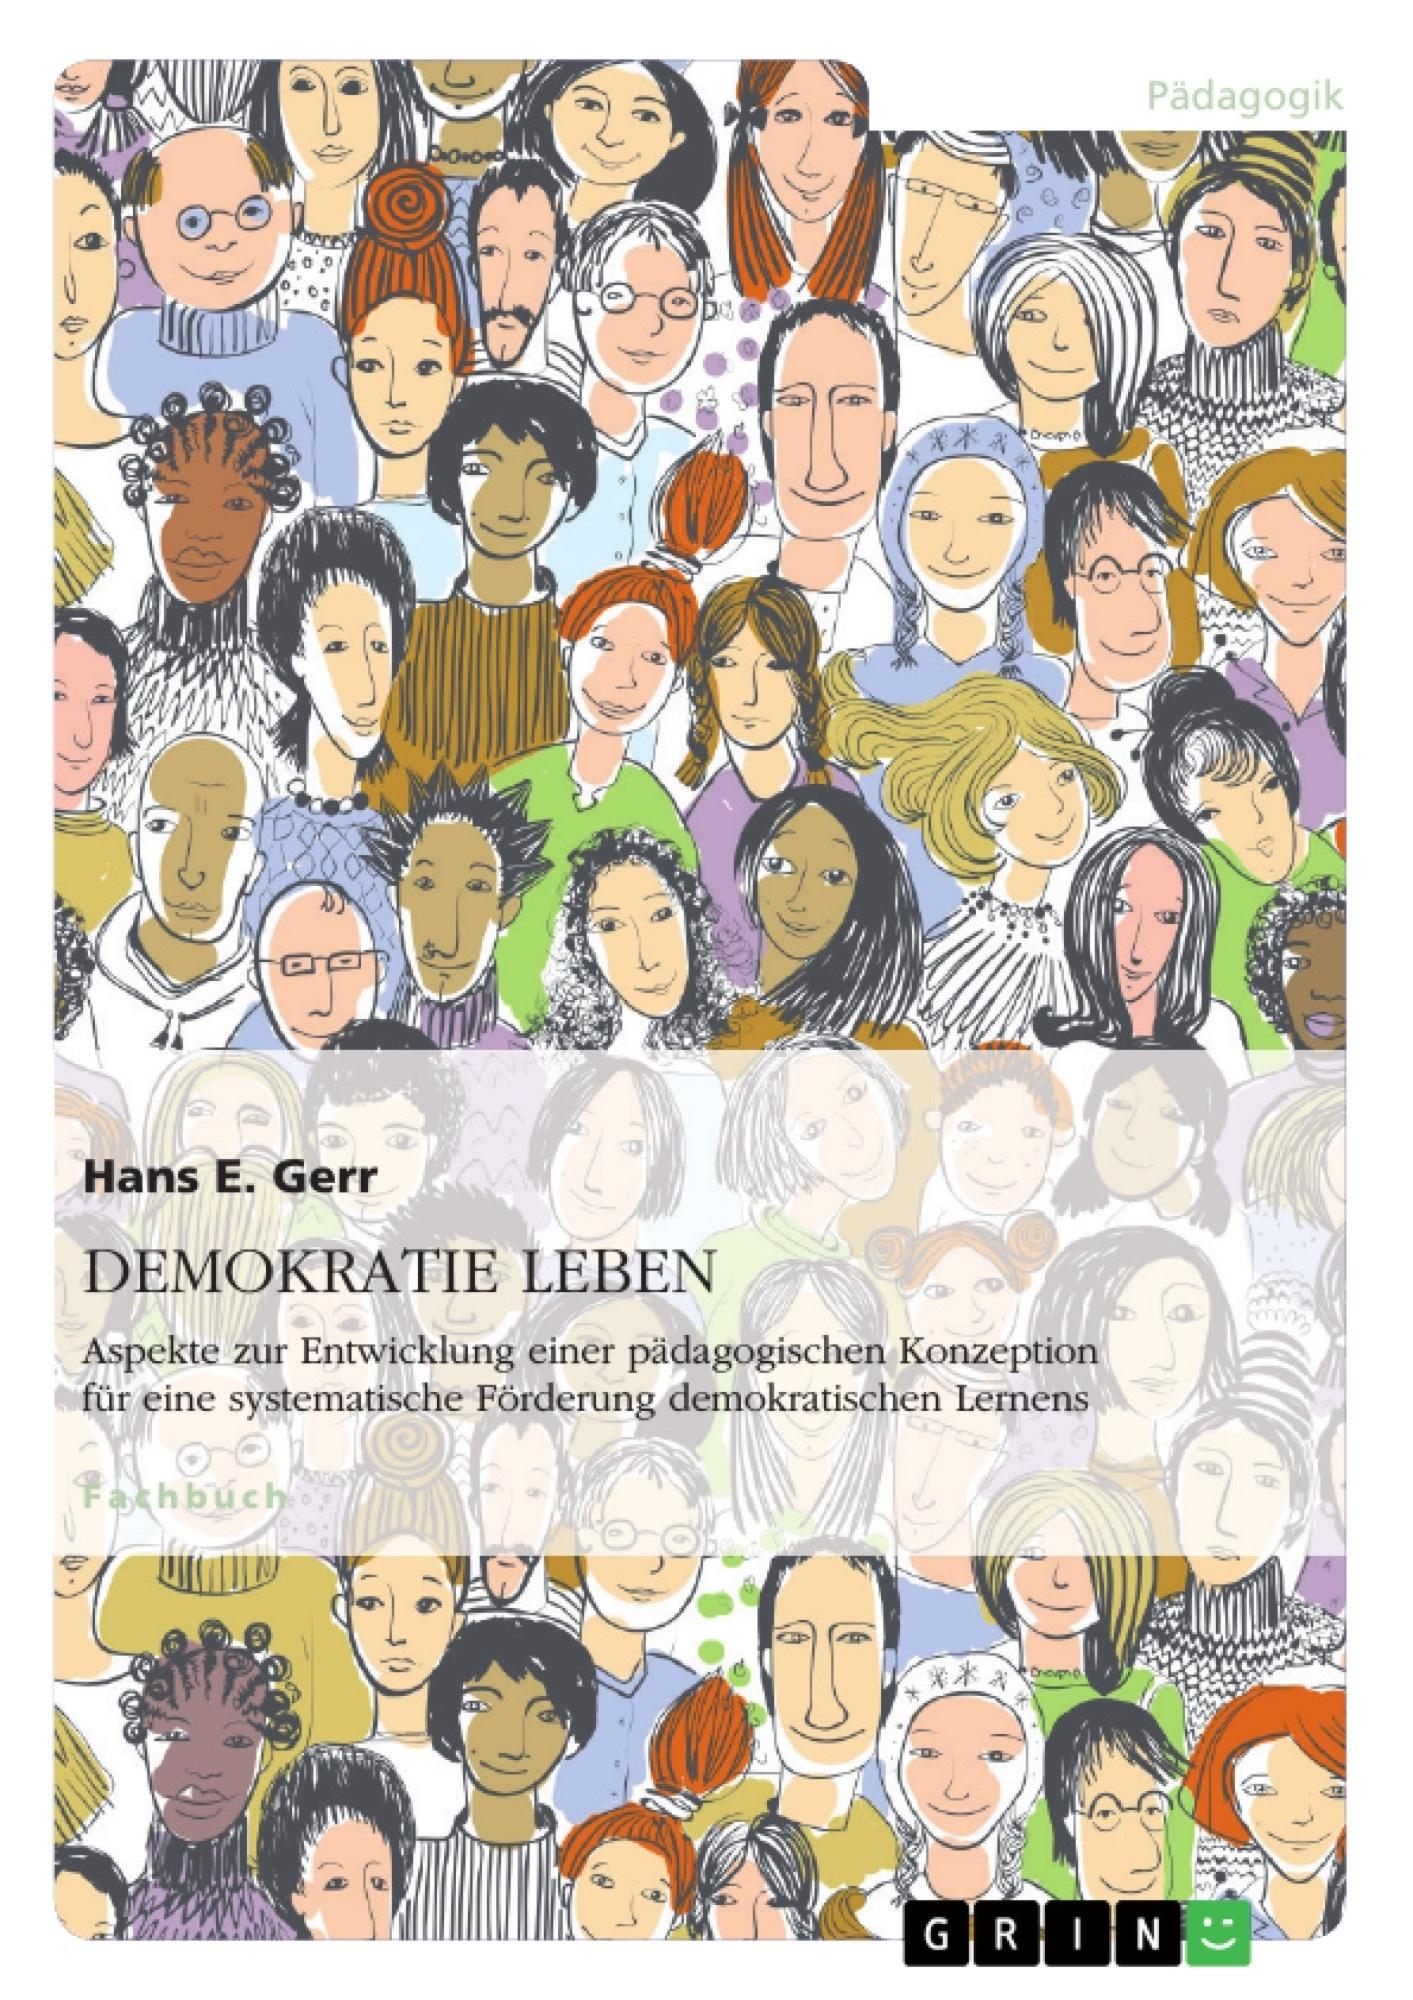 Titel: DEMOKRATIE LEBEN. Aspekte zur Entwicklung einer pädagogischen Konzeption zur systematischen Förderung demokratischen Lernens